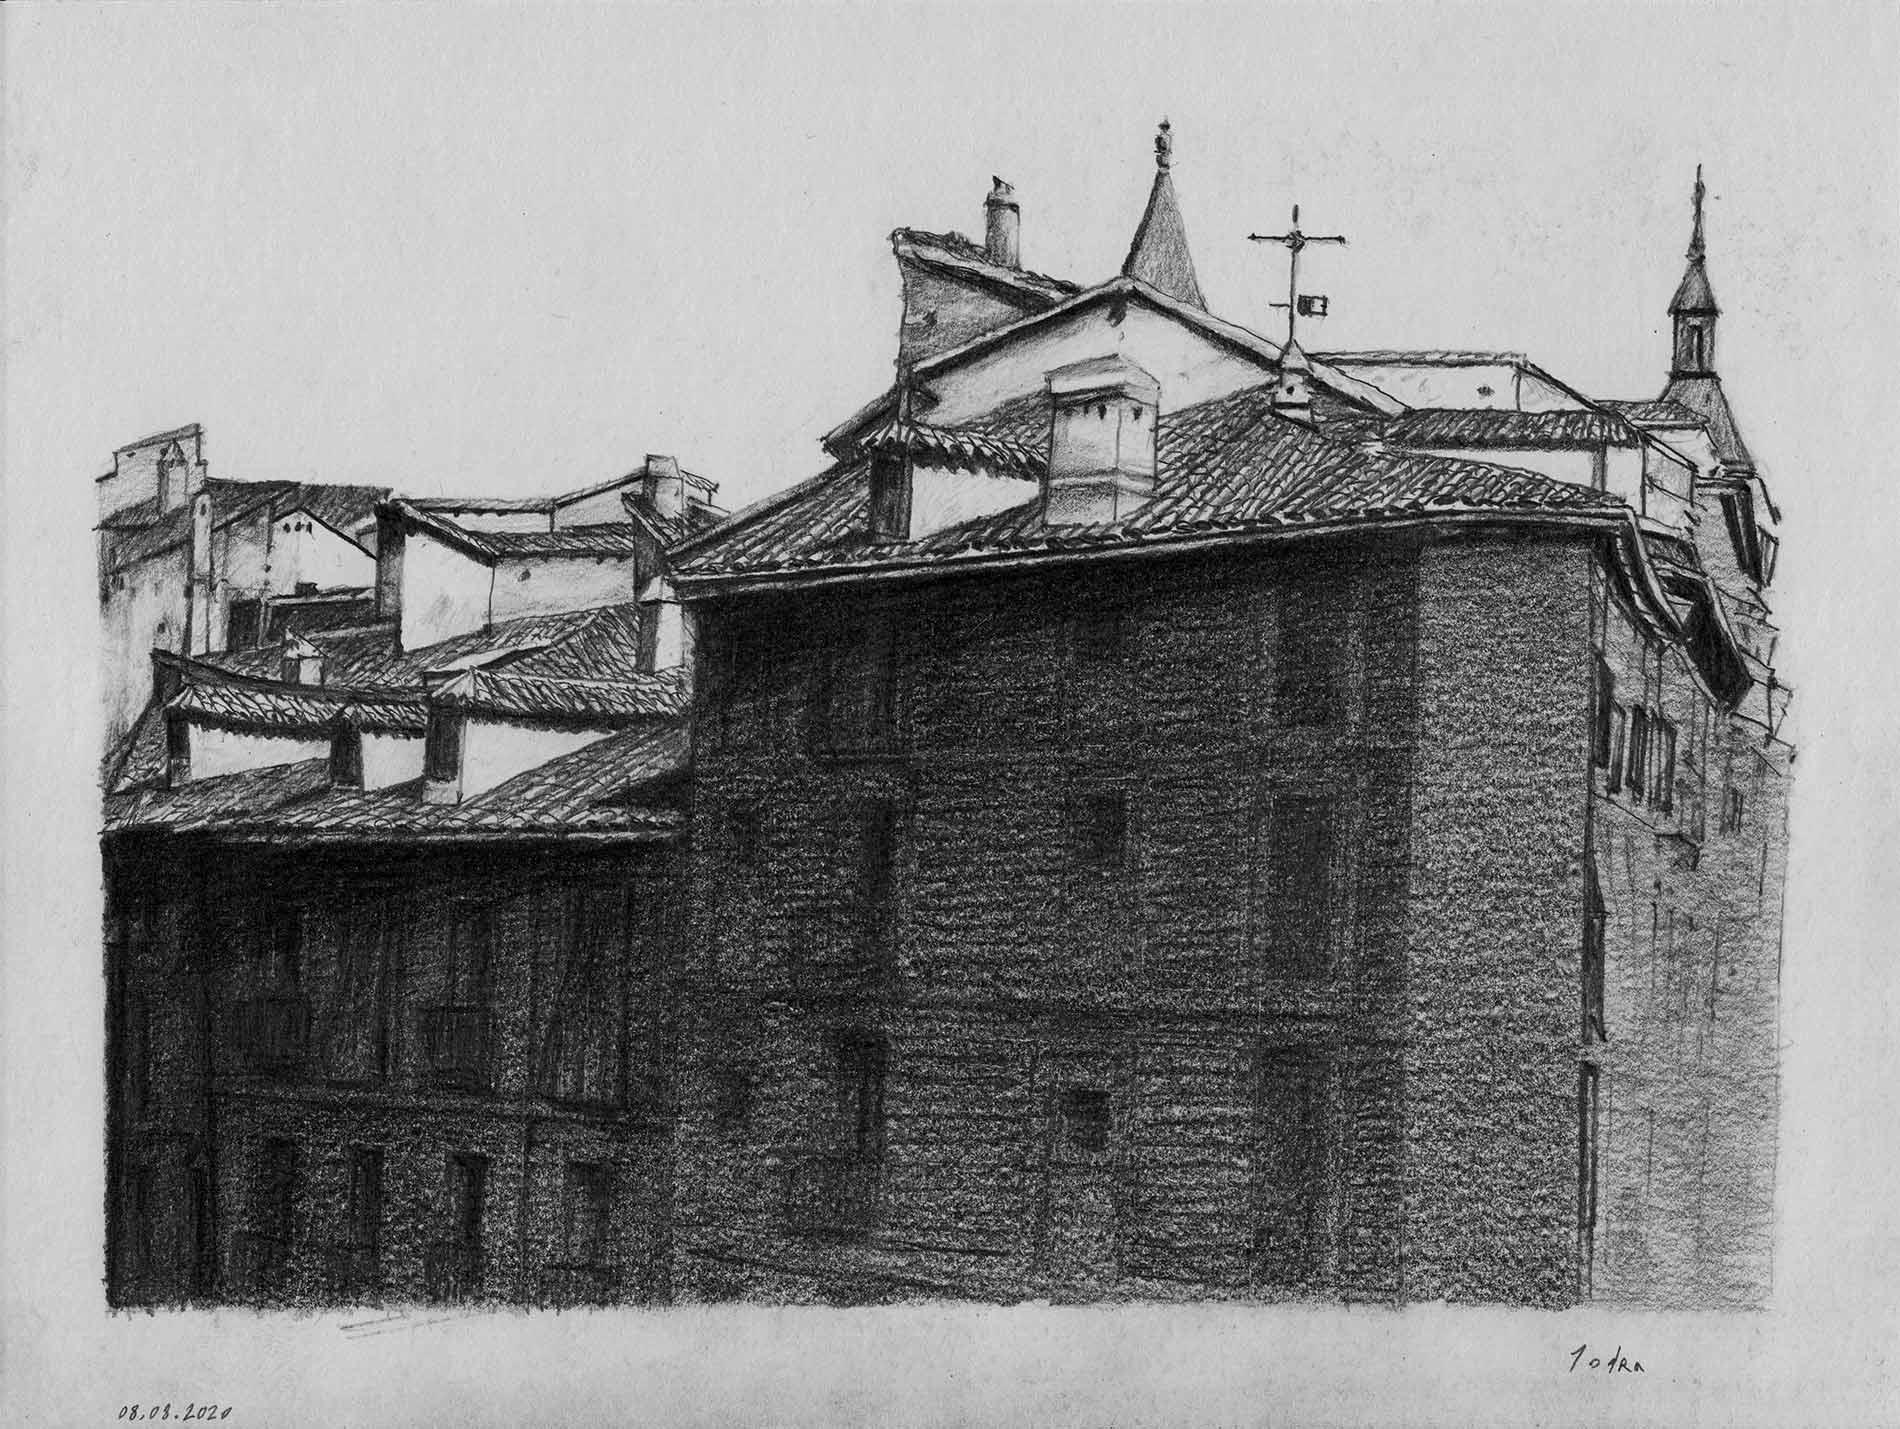 Puerta del Sol. Drawing. Pencil on paper. Mario Jodra 2020